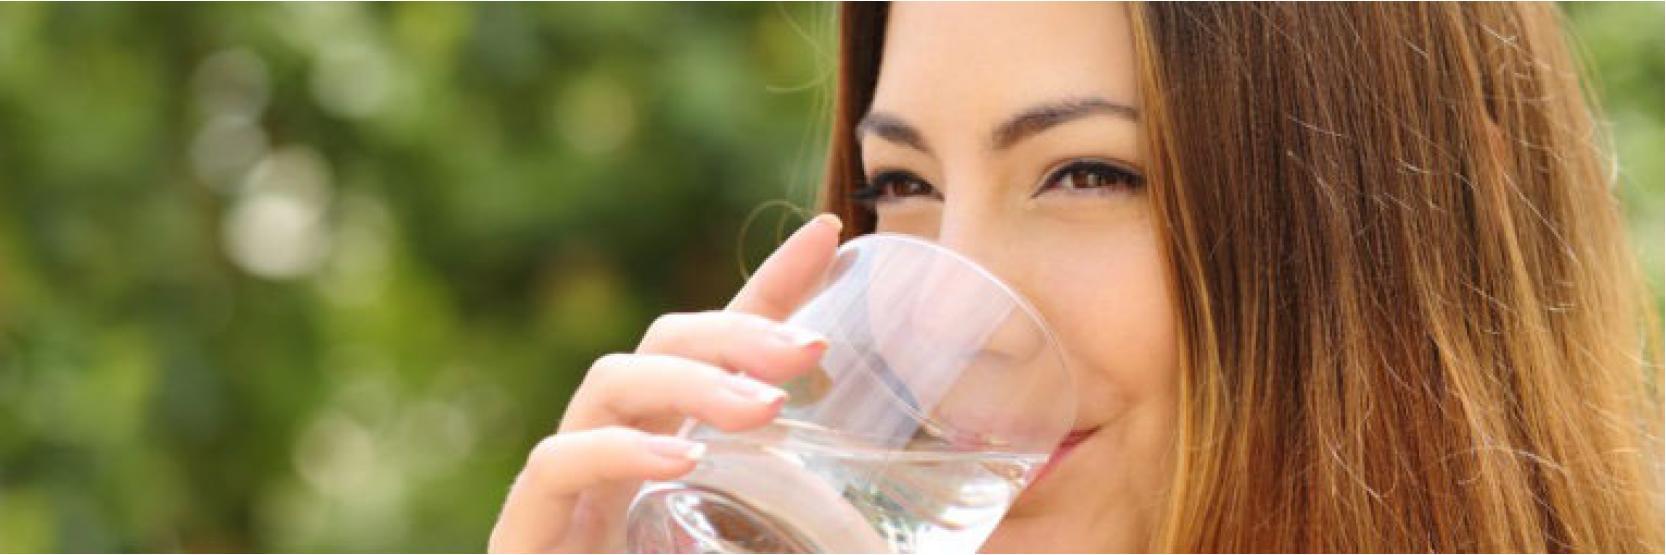 تسع حيل لشرب المزيد من الماء يومياً